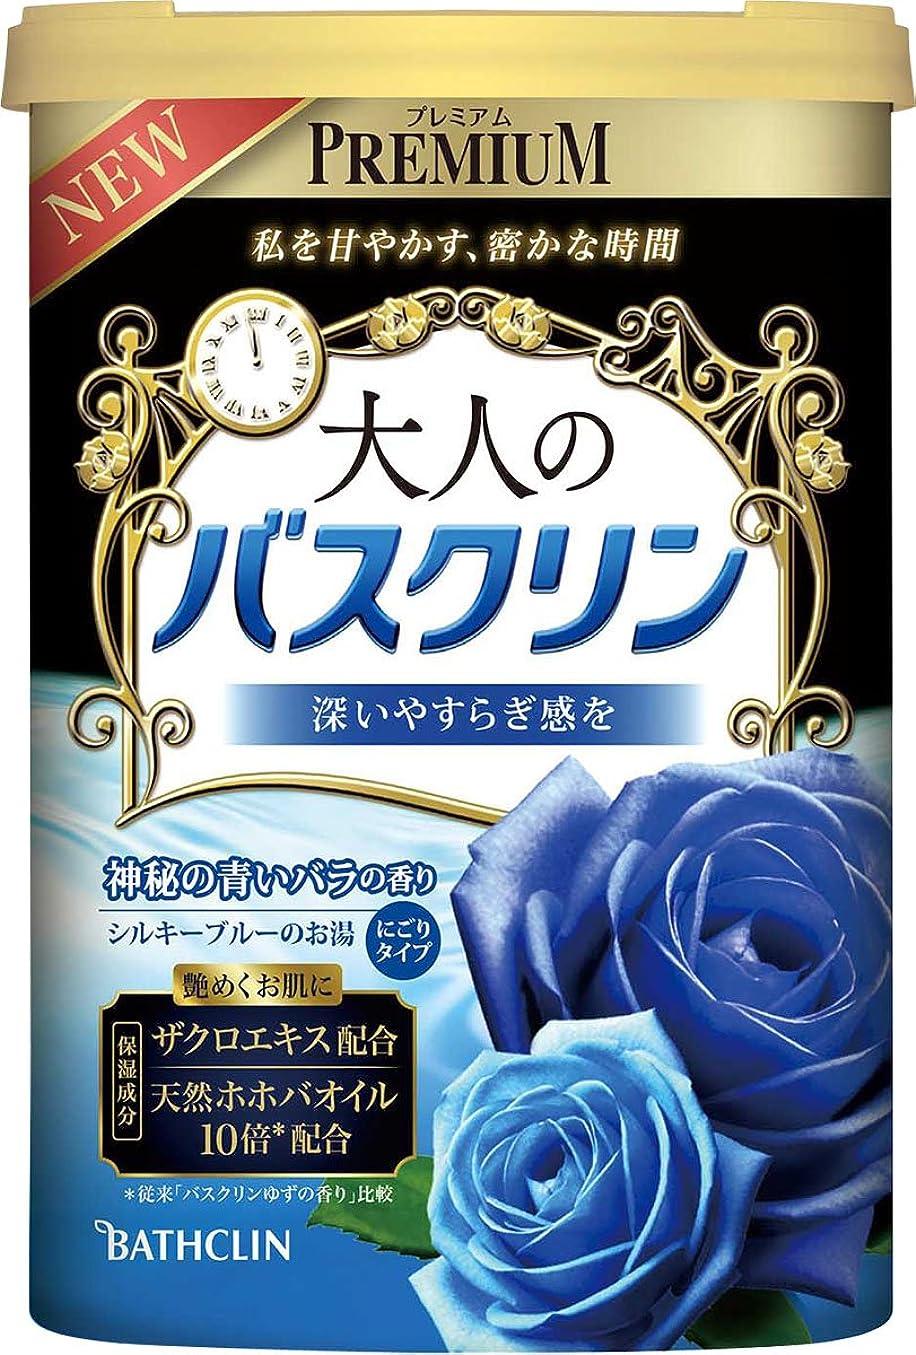 地区メドレー愛情大人のバスクリン 神秘の青いバラの香り 600g入浴剤